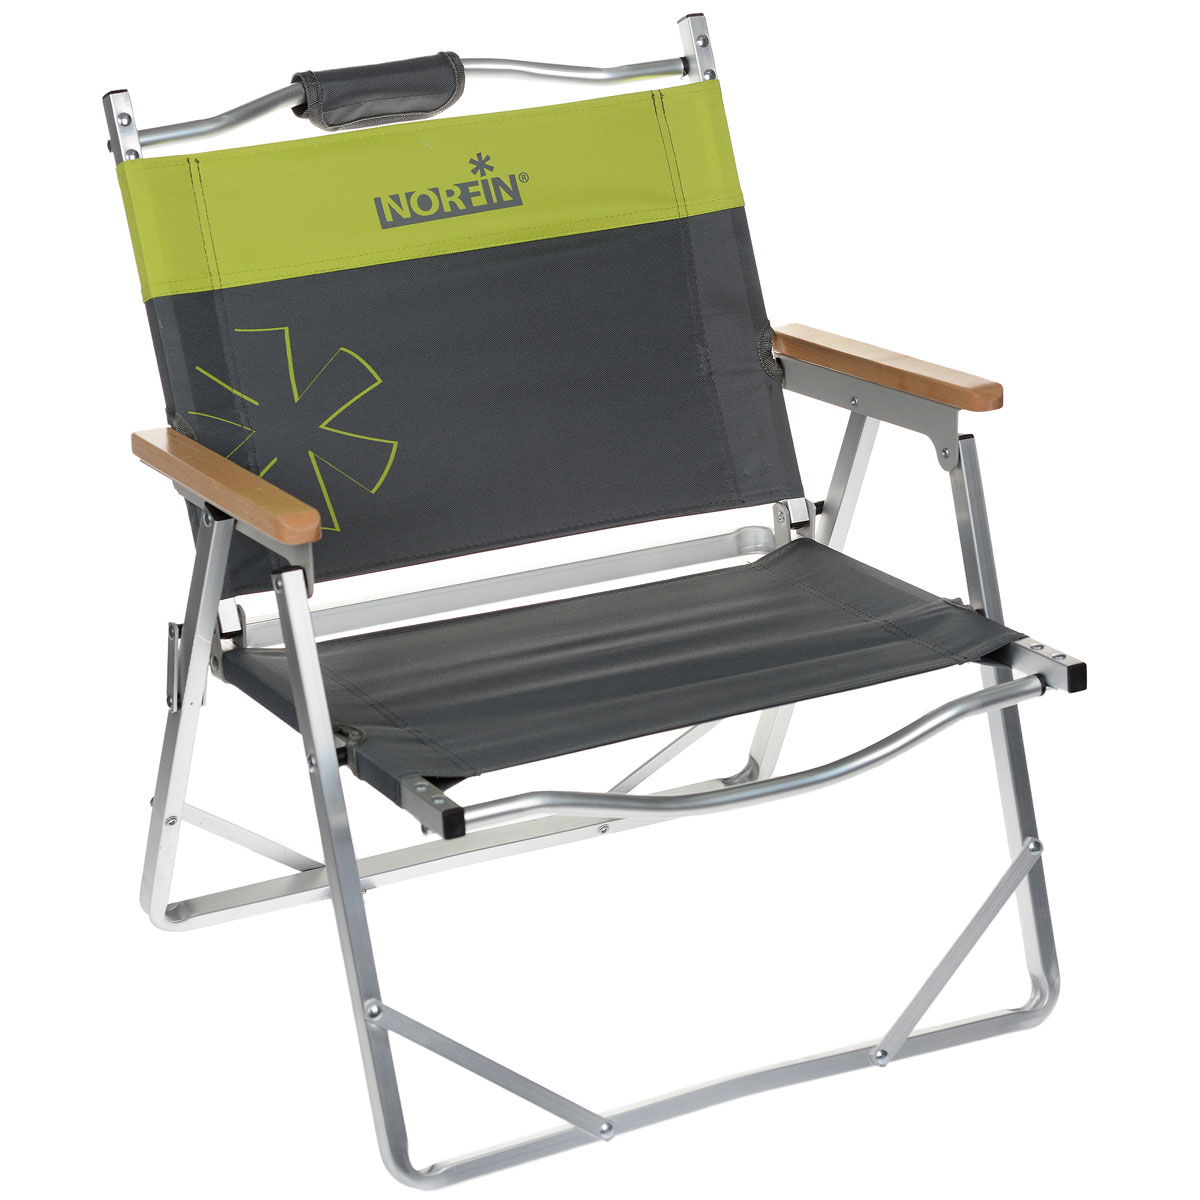 Кресло складное Norfin Alesund NF Alu, цвет: серый, желтый, 47 см х 54 см х 62 см5203Невысокое складное кресло Norfin Alesund NF Alu -это незаменимый предмет походной мебели. Прочный и легкий каркас выполнен из алюминия. Оснащено деревянными подлокотниками. Легкое, очень удобно для переноски, так как в складном виде имеет ручки.